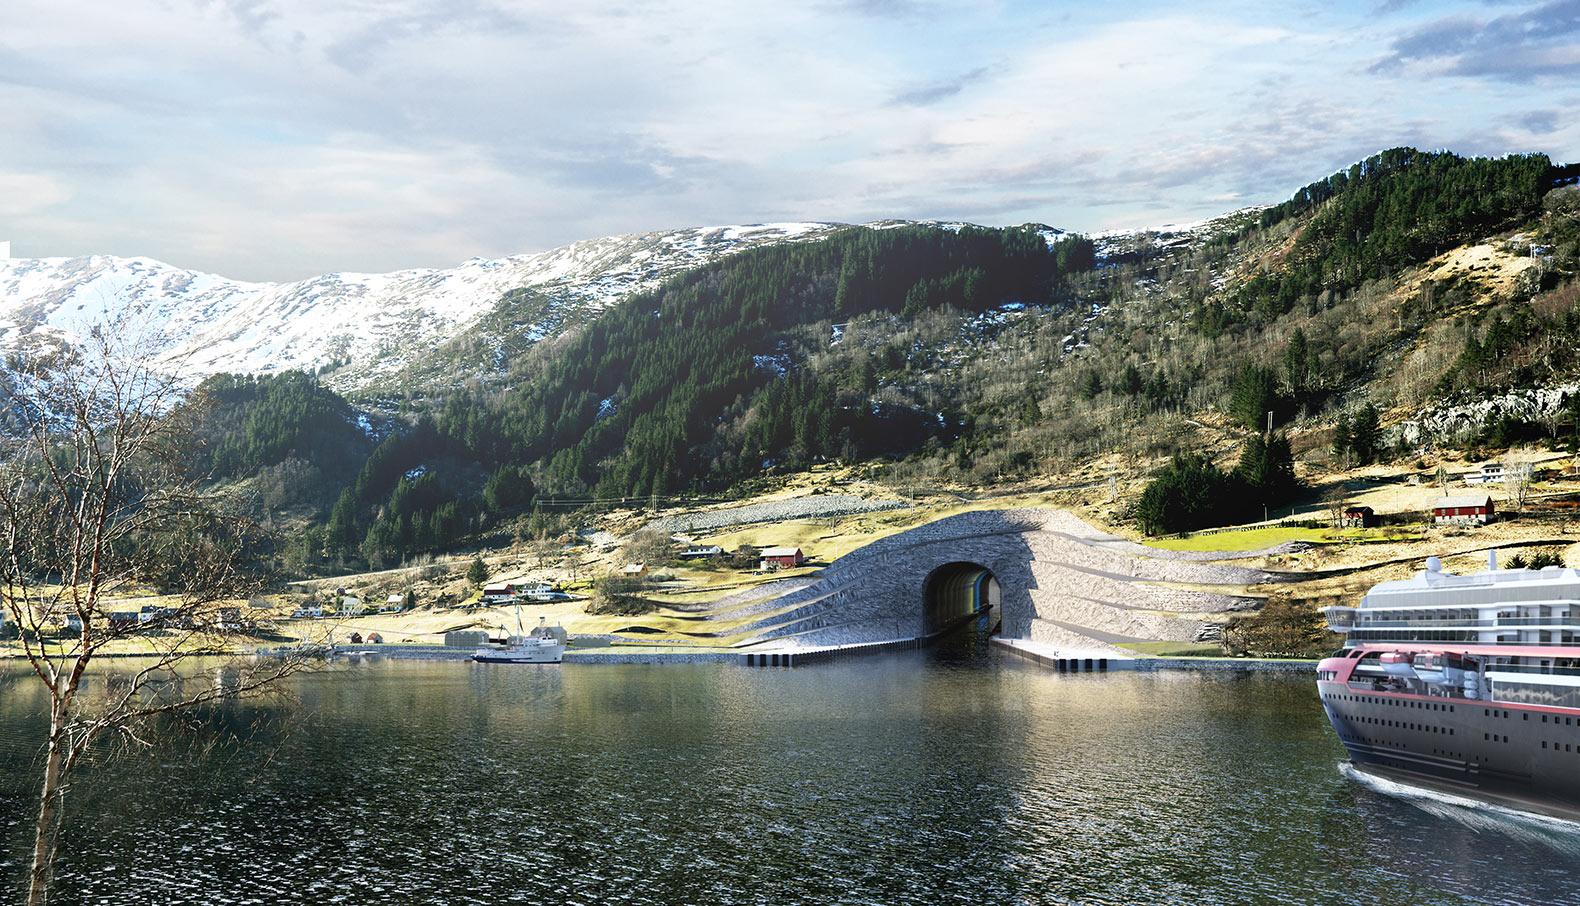 У Норвегії планується будівництво першого в світі судноплавного тунелю